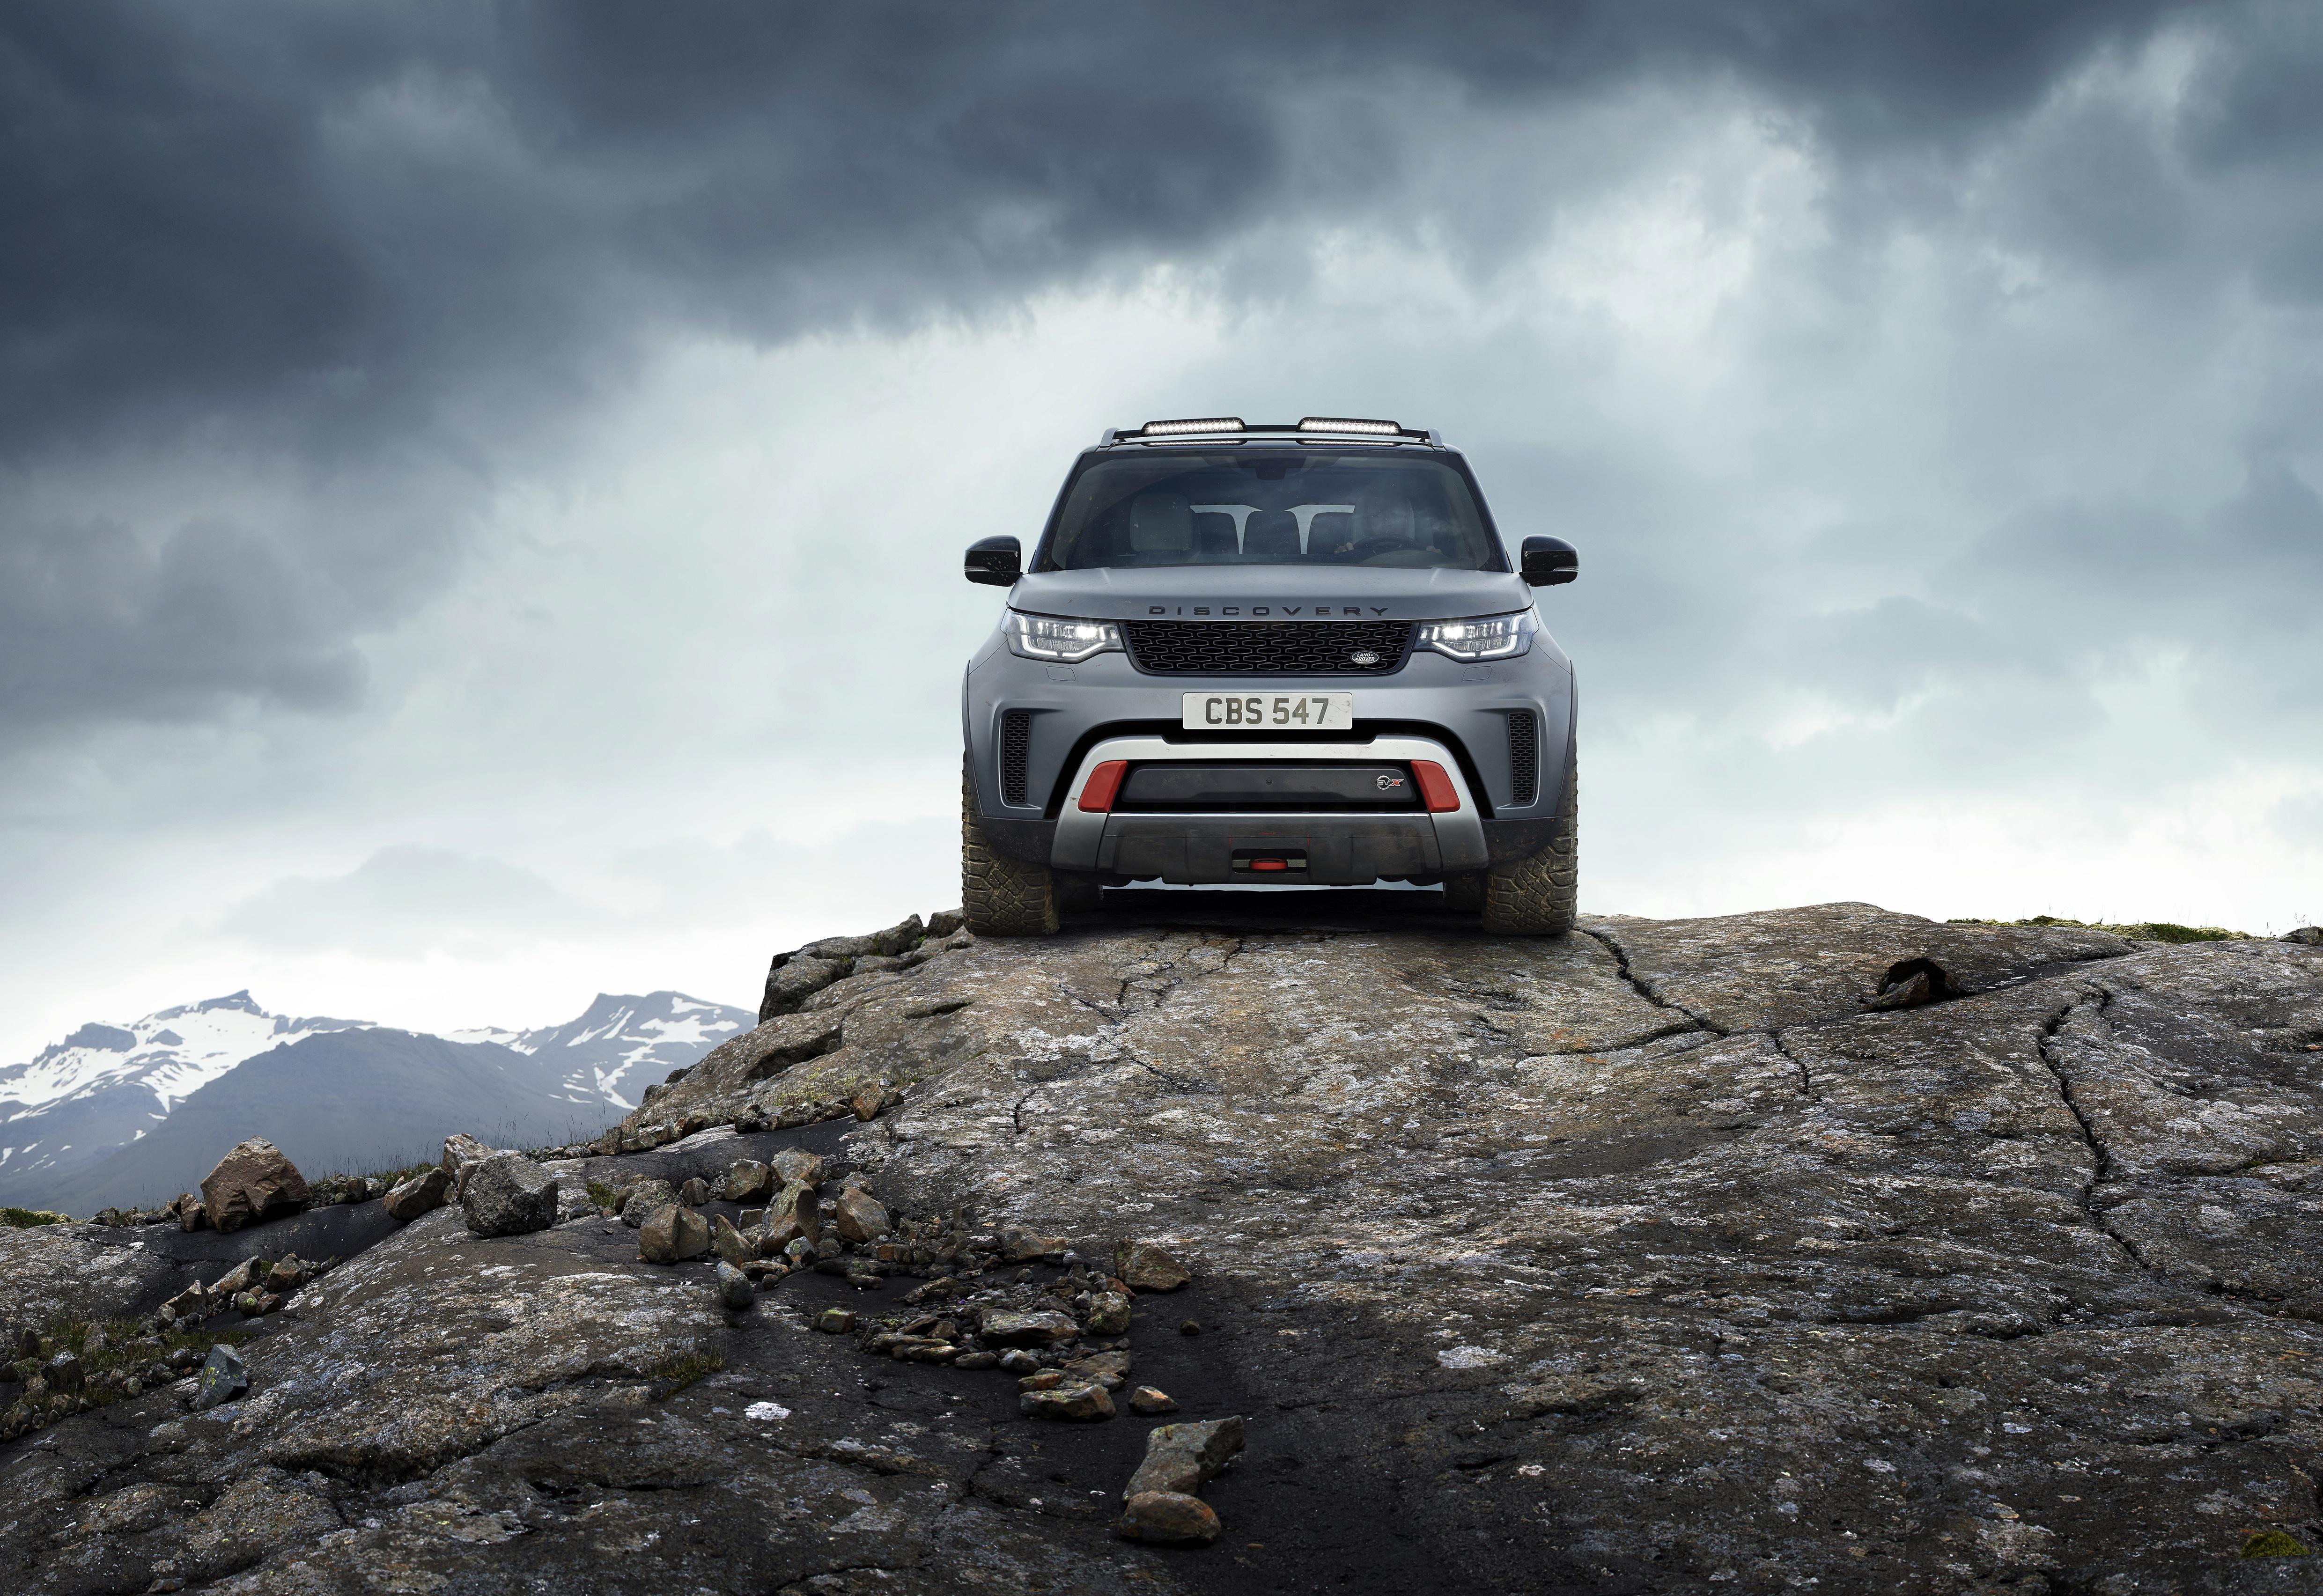 Фотографии Range Rover Внедорожник Discovery 4x4 2017 V8 SVX 525 скалы серая Камни Спереди Металлик Автомобили Land Rover SUV Утес скале Скала Серый серые авто Камень машины машина автомобиль